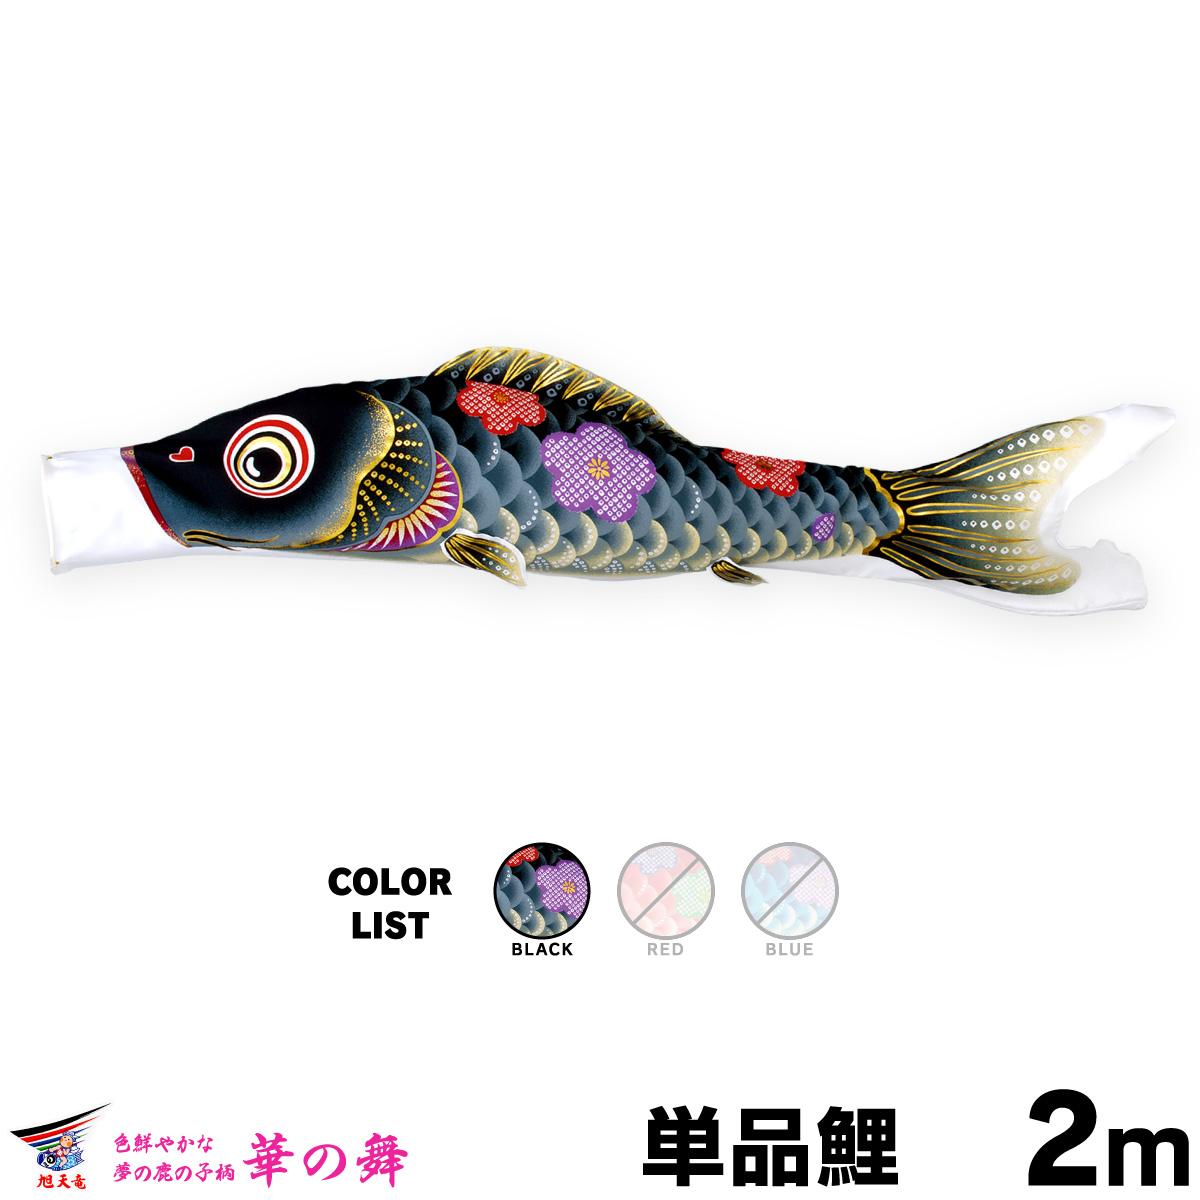 【こいのぼり 単品】 華の舞 2m 単品鯉